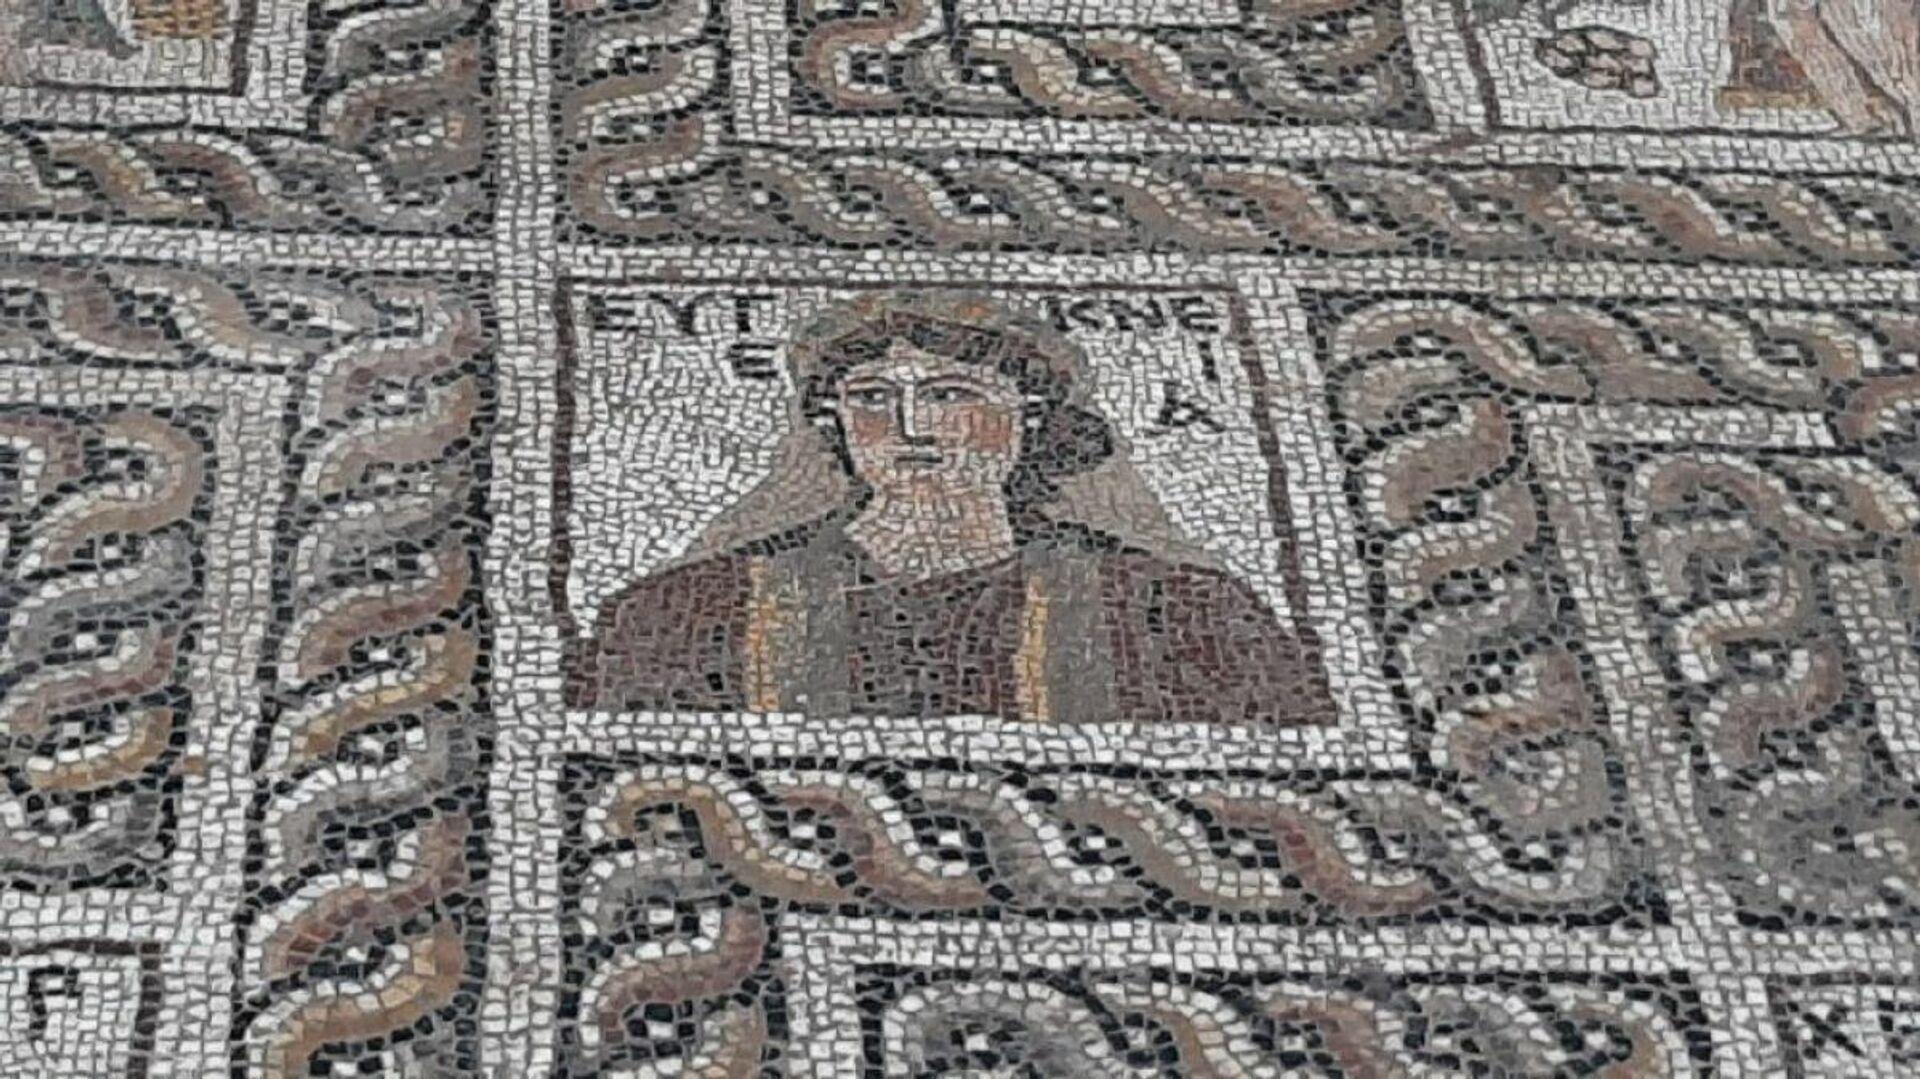 Мозаика, обнаруженная во время раскопок в турецкой провинции Кадирли - РИА Новости, 1920, 12.11.2020